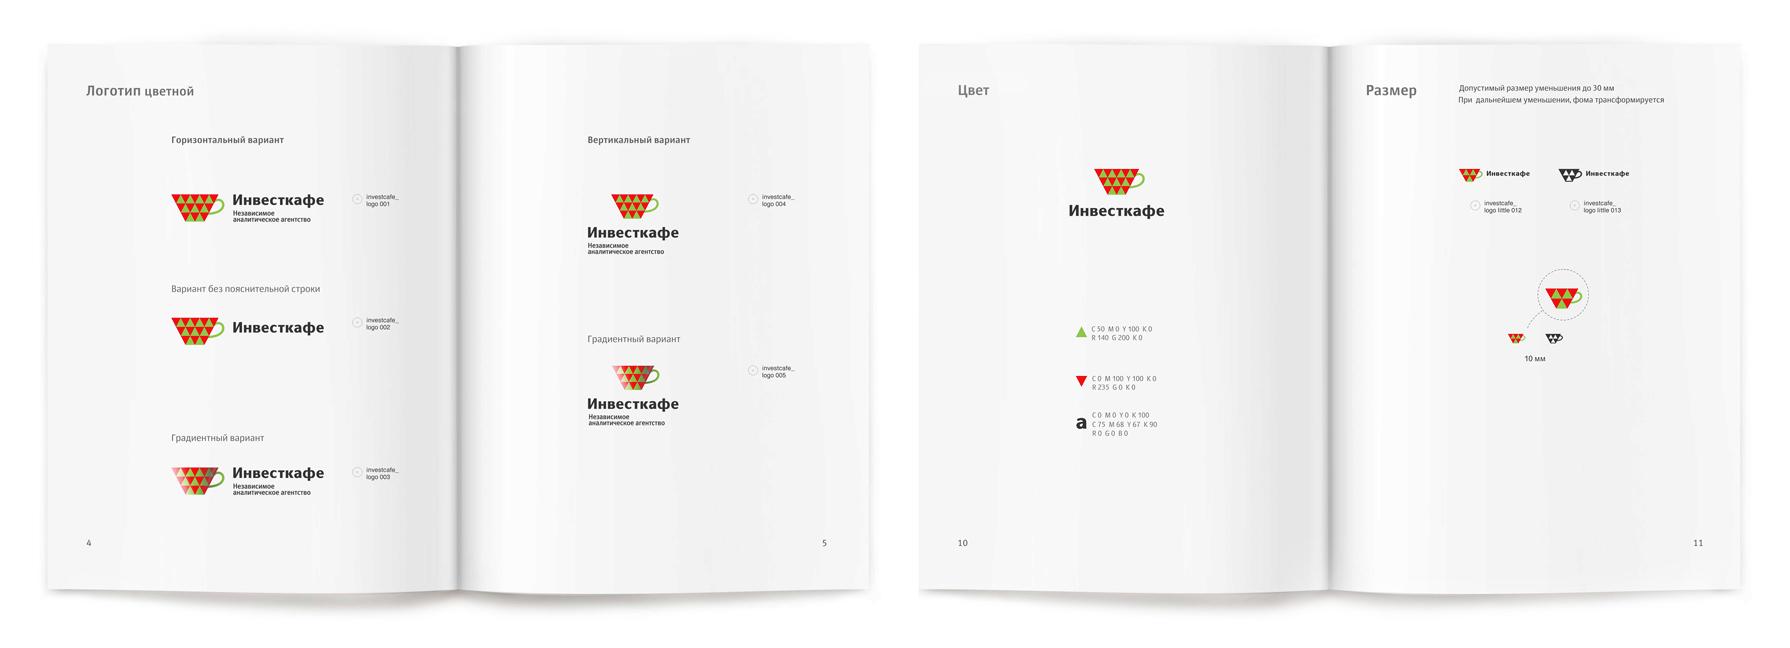 Инвесткафе дизайн Invectcafe design